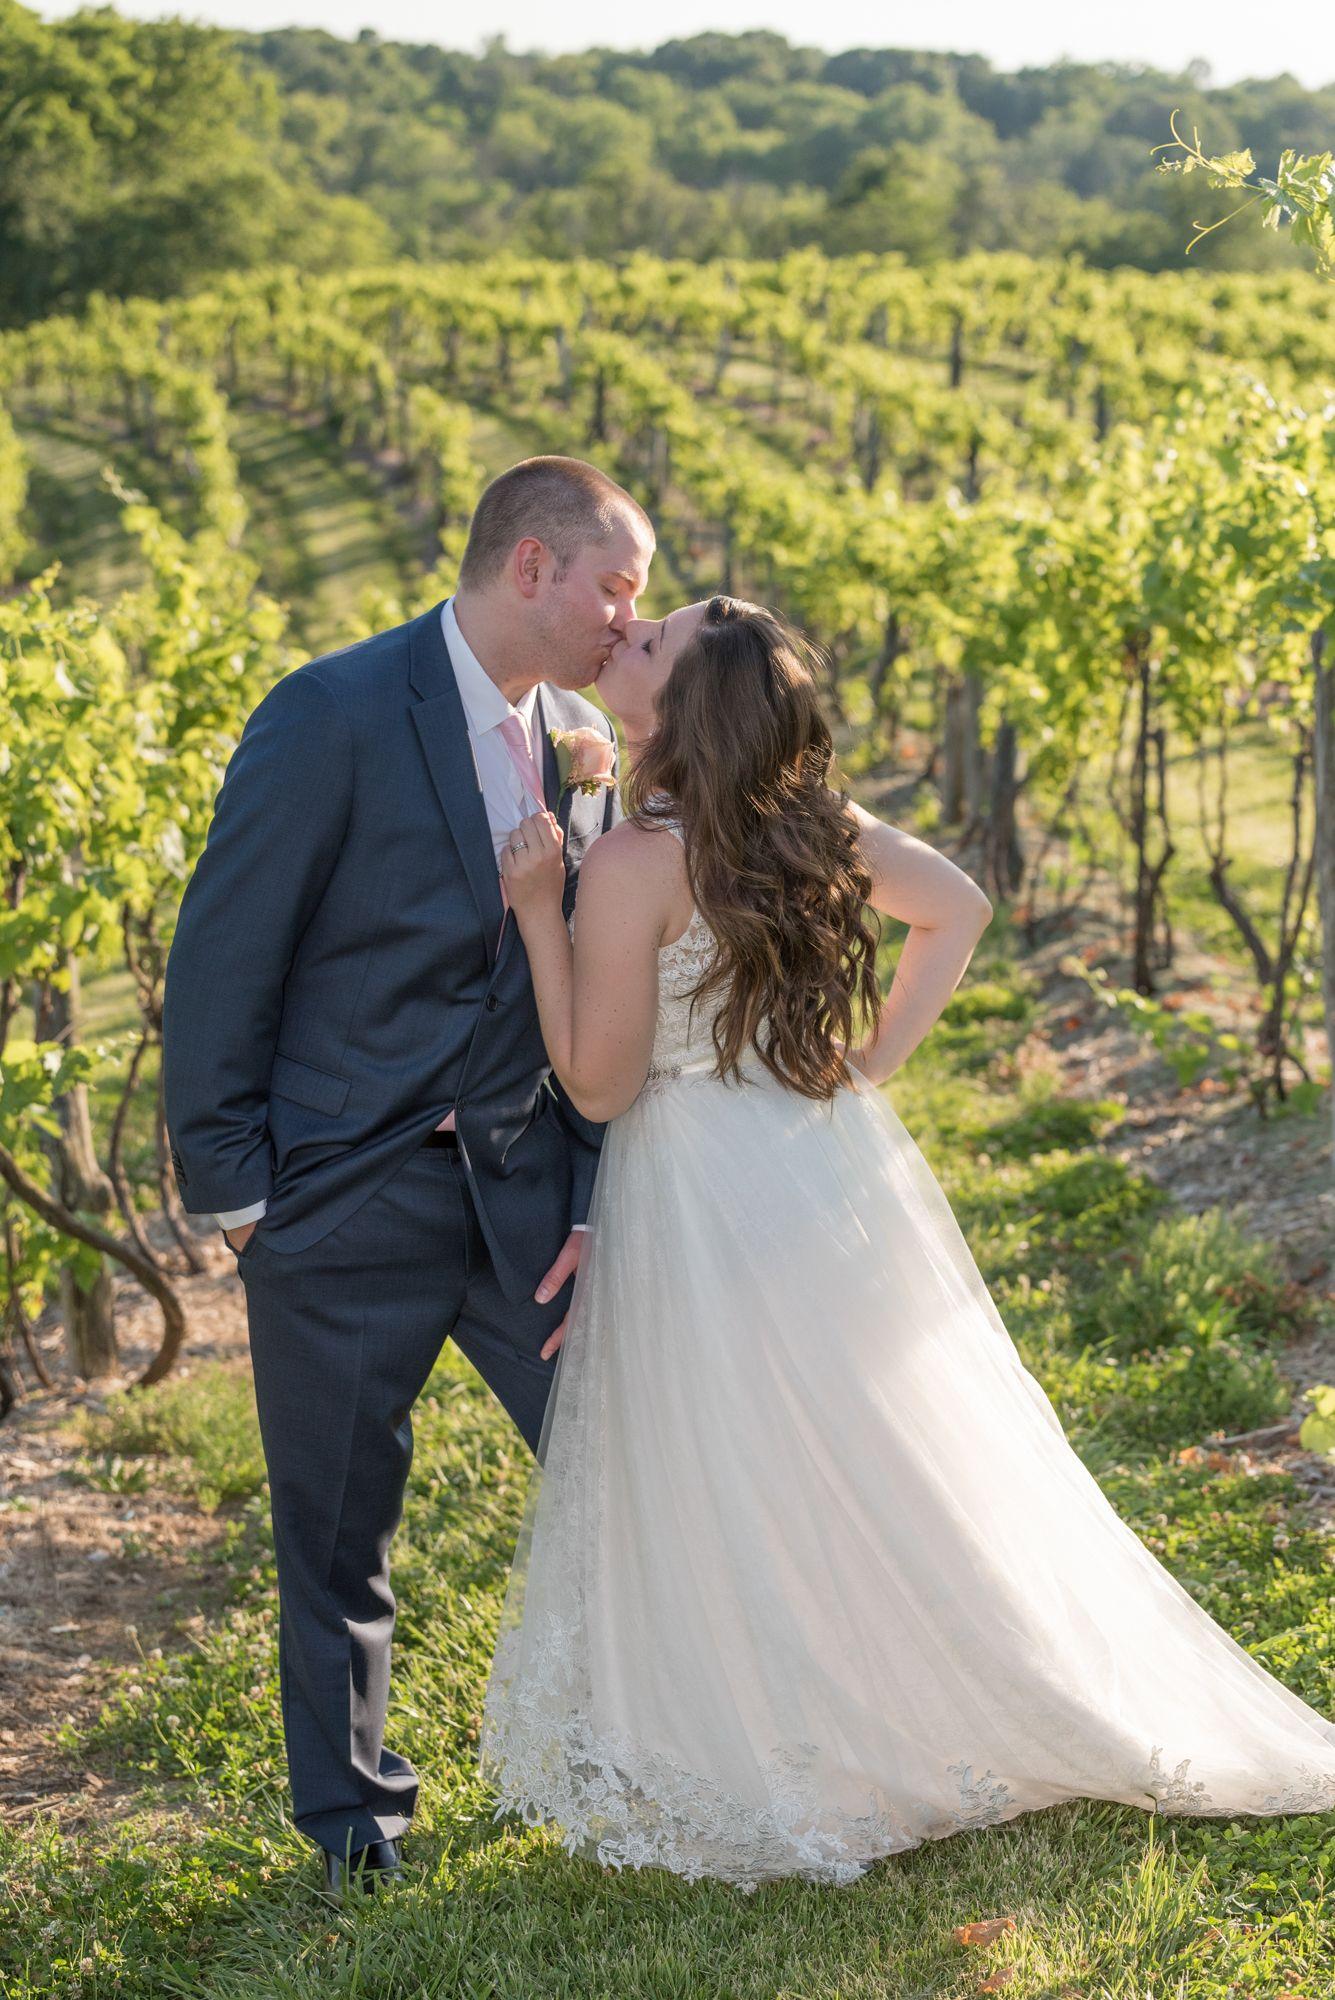 Vinoklet Winery Wedding Ideas Cincinnati Cincinnati Wedding Photos Cincinnati Wedding Photographers Cincinnati Weddings